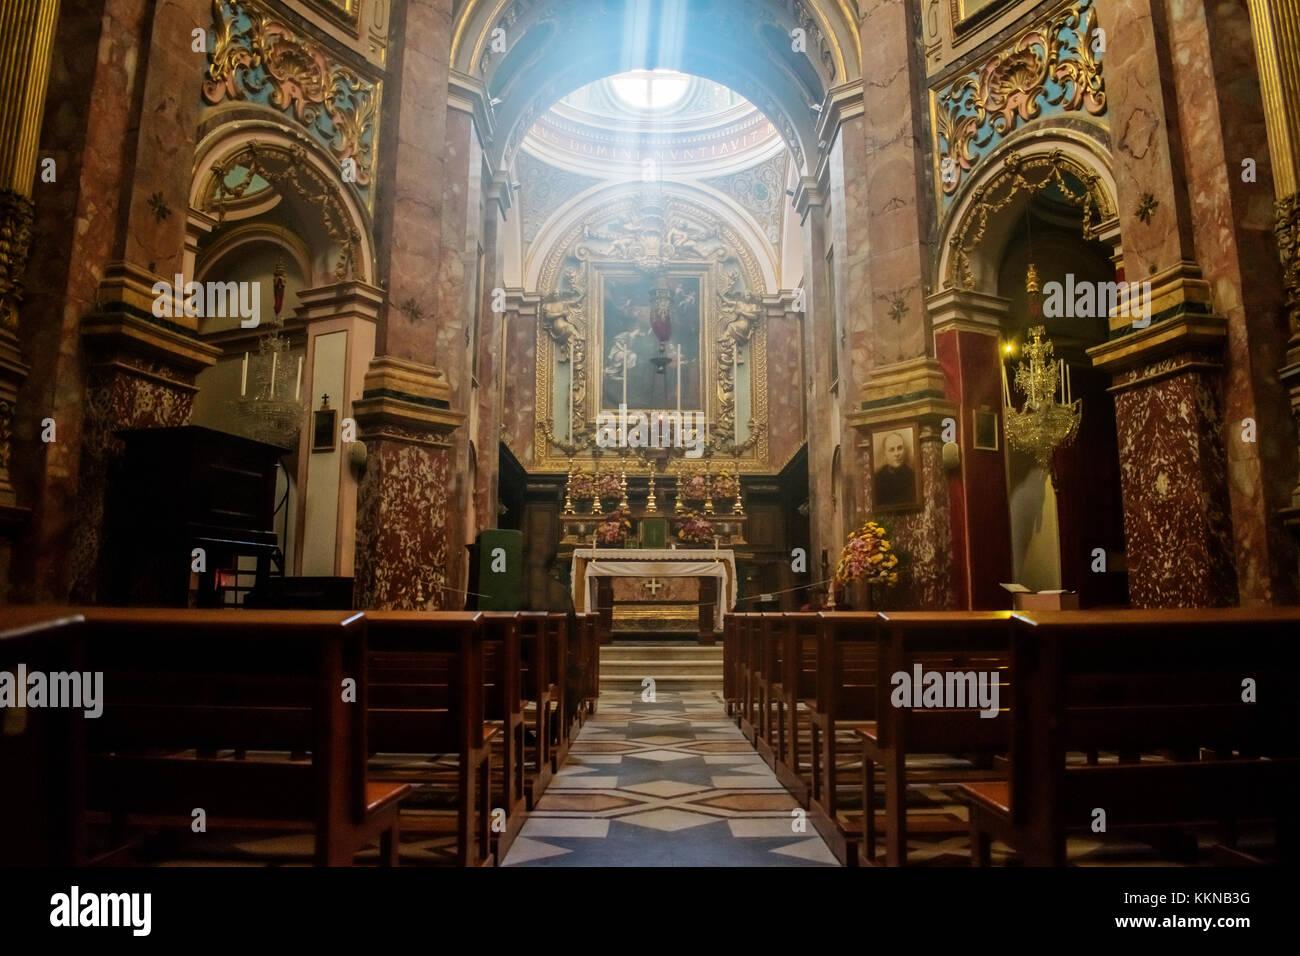 Die Kirche der Verkündigung auch als die Karmeliterkirche bekannt ist eine reiche barocke Klosterkirche des Stockbild